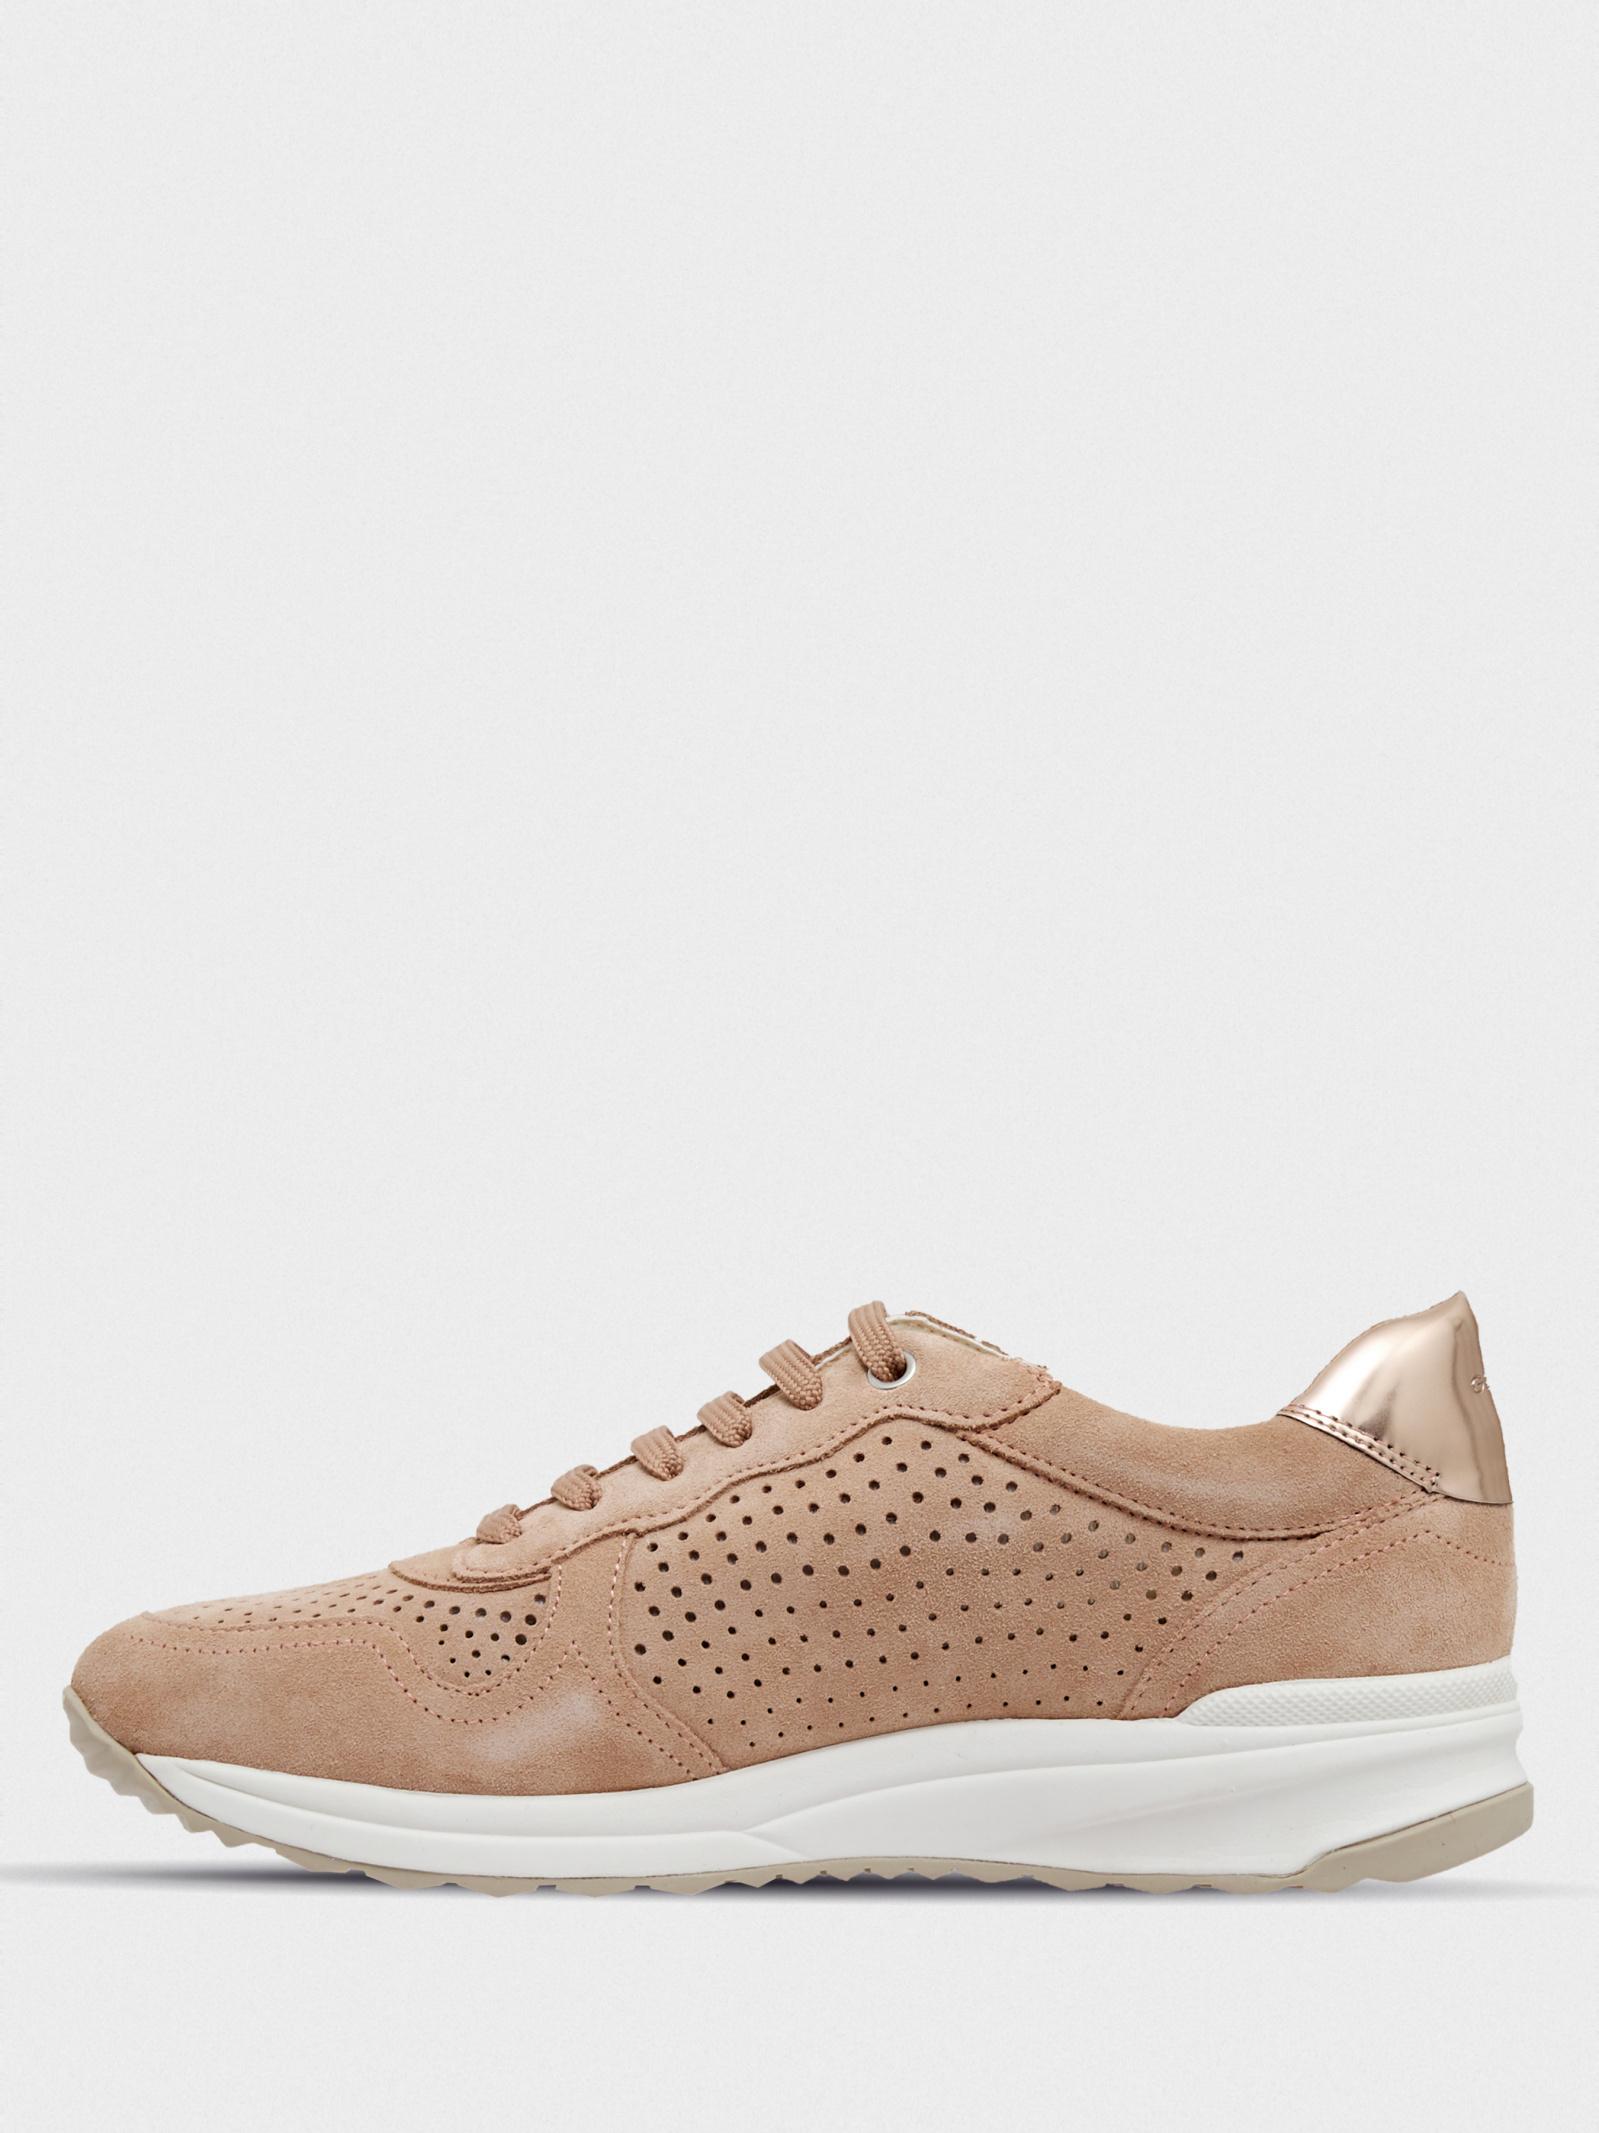 Кросівки  для жінок Geox D AIRELL D022SB-00022-C8191 купити в Iнтертоп, 2017